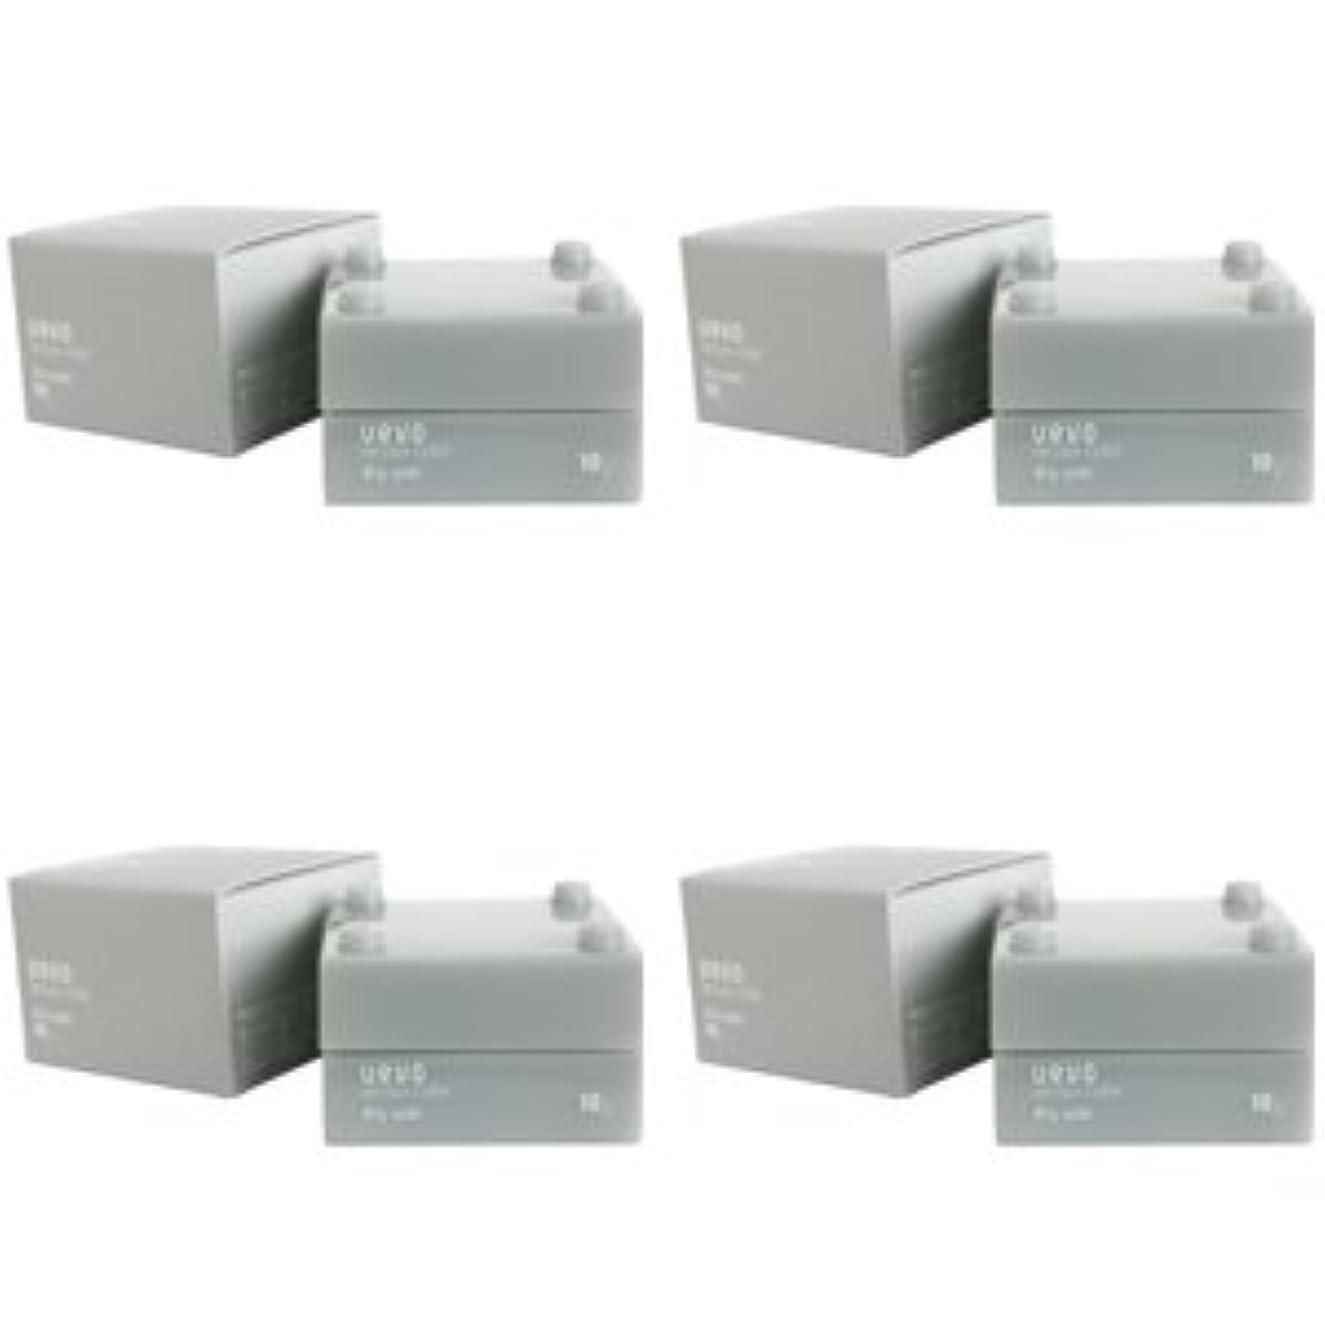 受取人風財産【X4個セット】 デミ ウェーボ デザインキューブ ドライワックス 30g dry wax DEMI uevo design cube